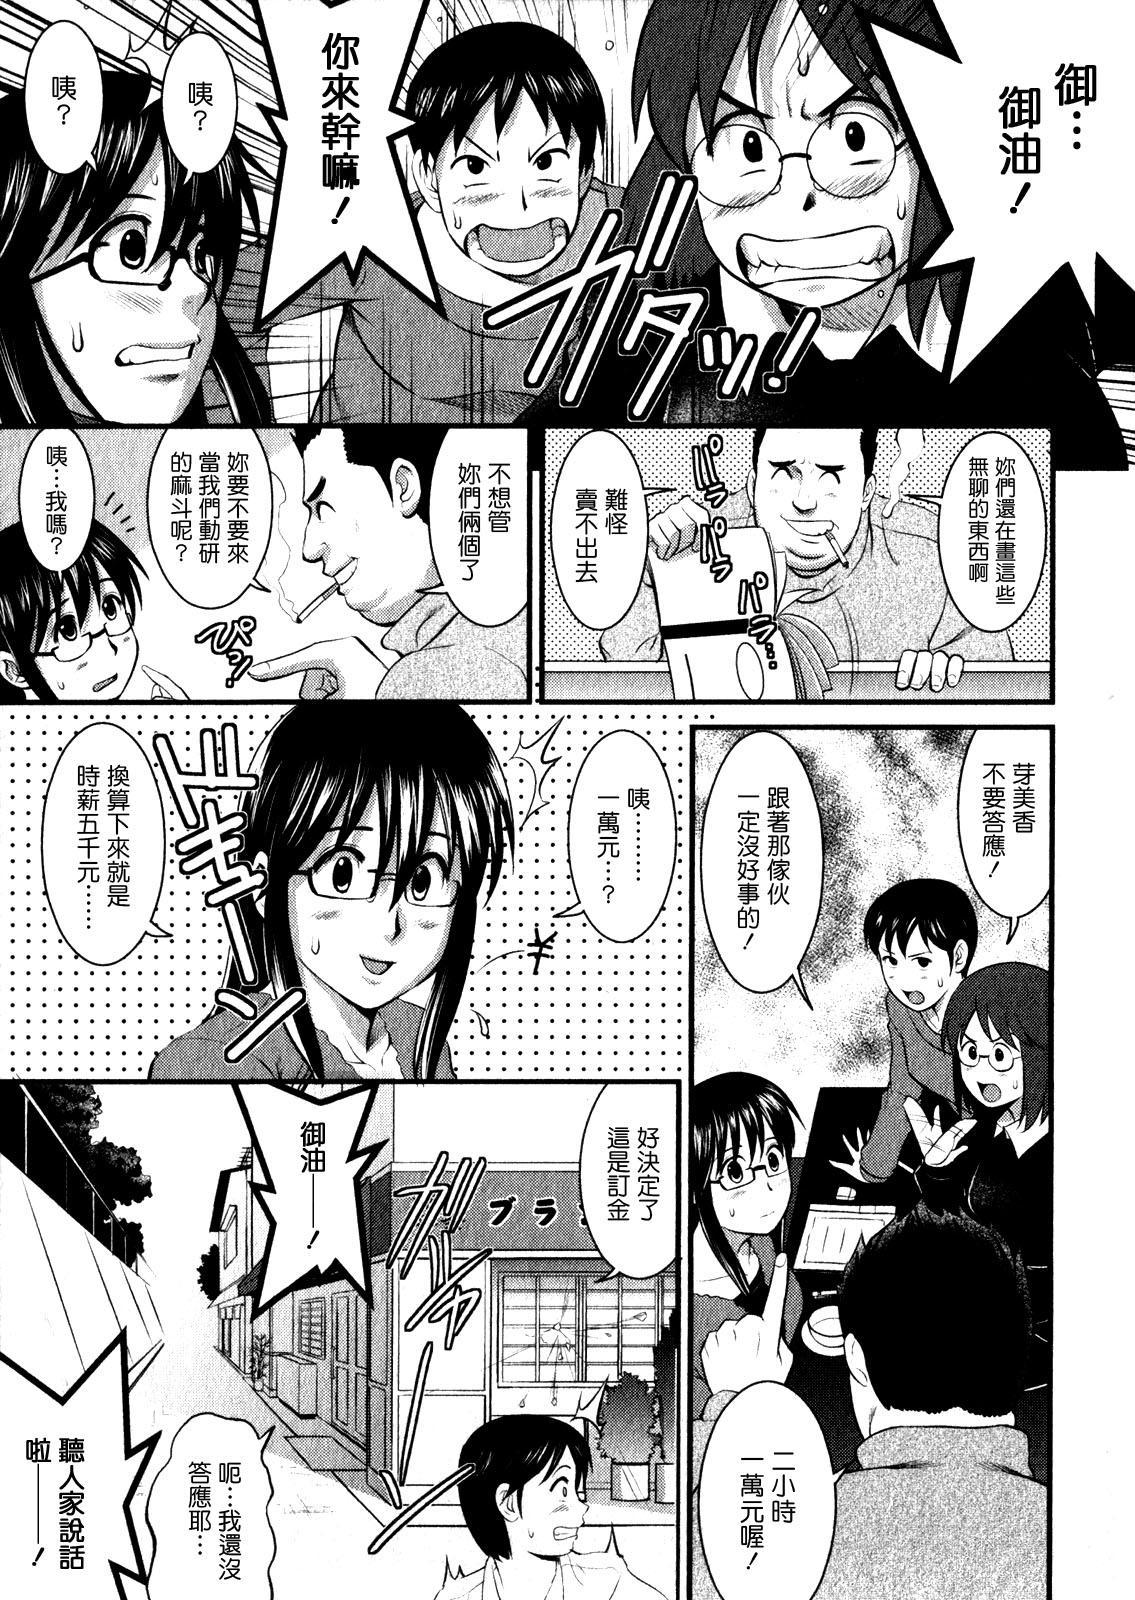 Otaku no Megami-san 1 92